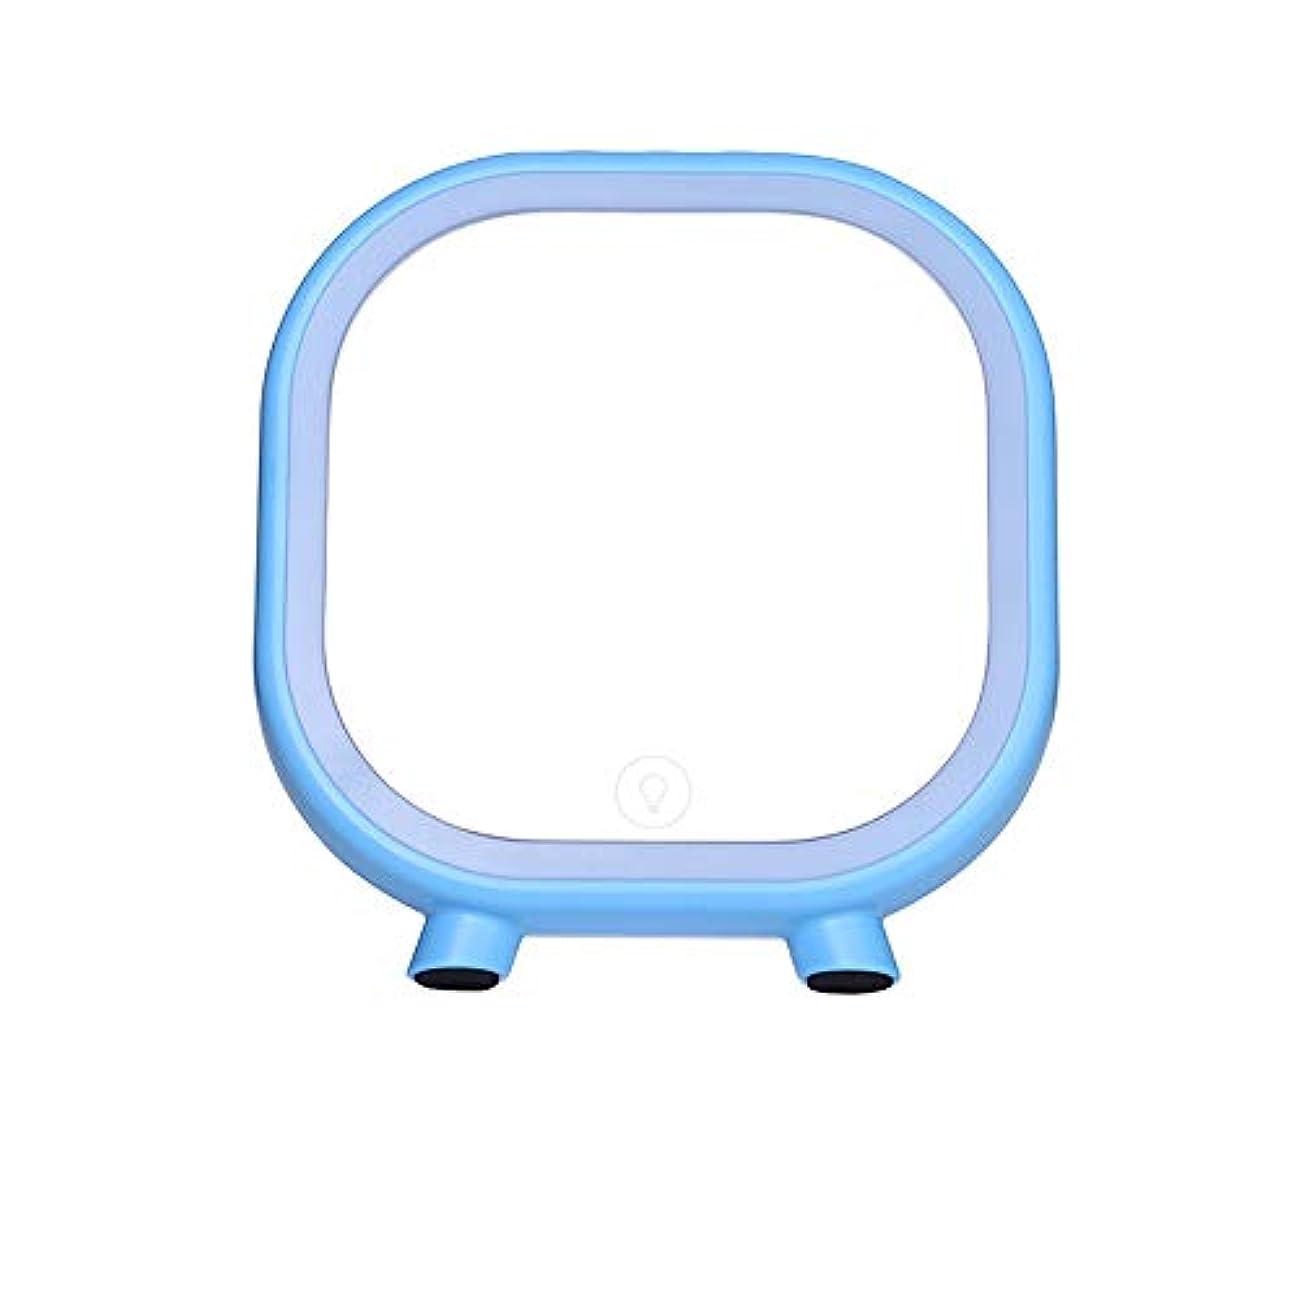 発信うなり声円形流行の 創造的なLEDの薄いピンク/青い正方形のブルートゥースのスピーカーの化粧台/化粧鏡 (色 : Blue)